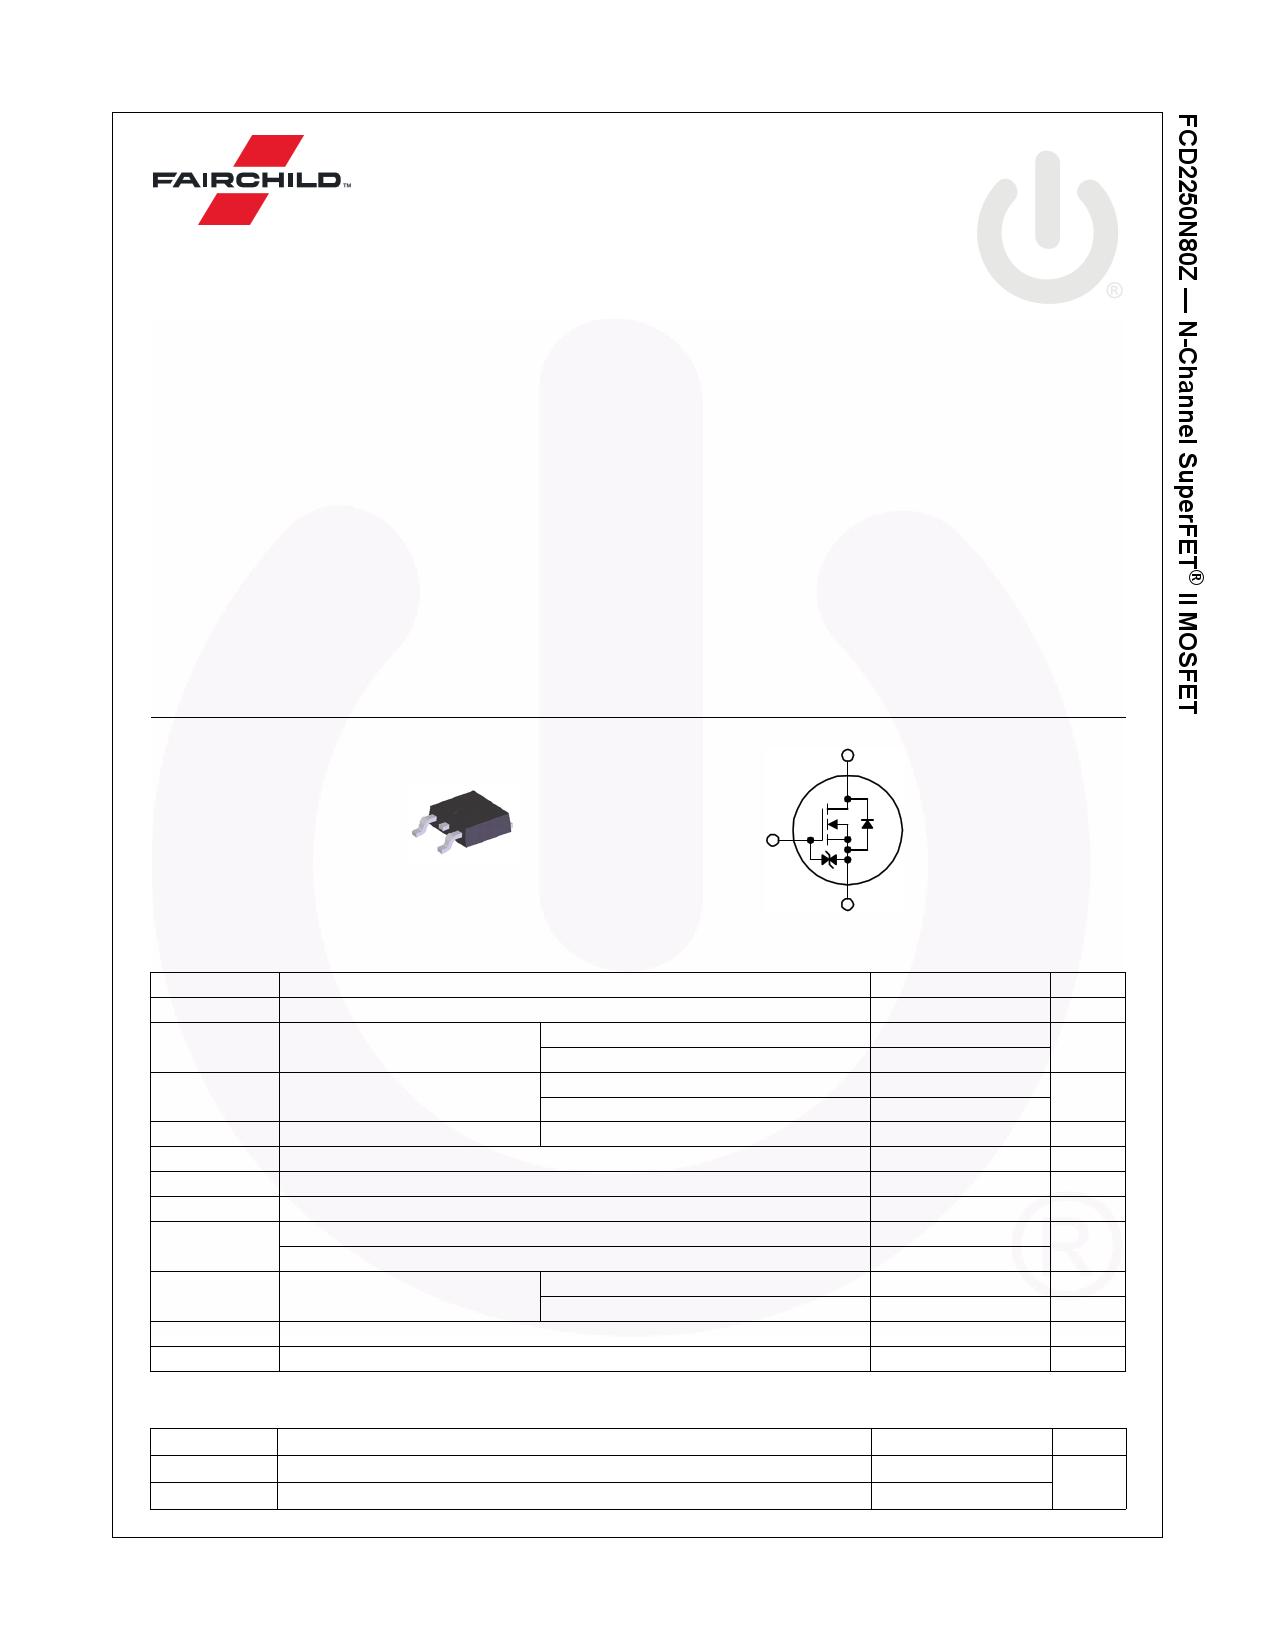 FCD2250N80Z Hoja de datos, Descripción, Manual